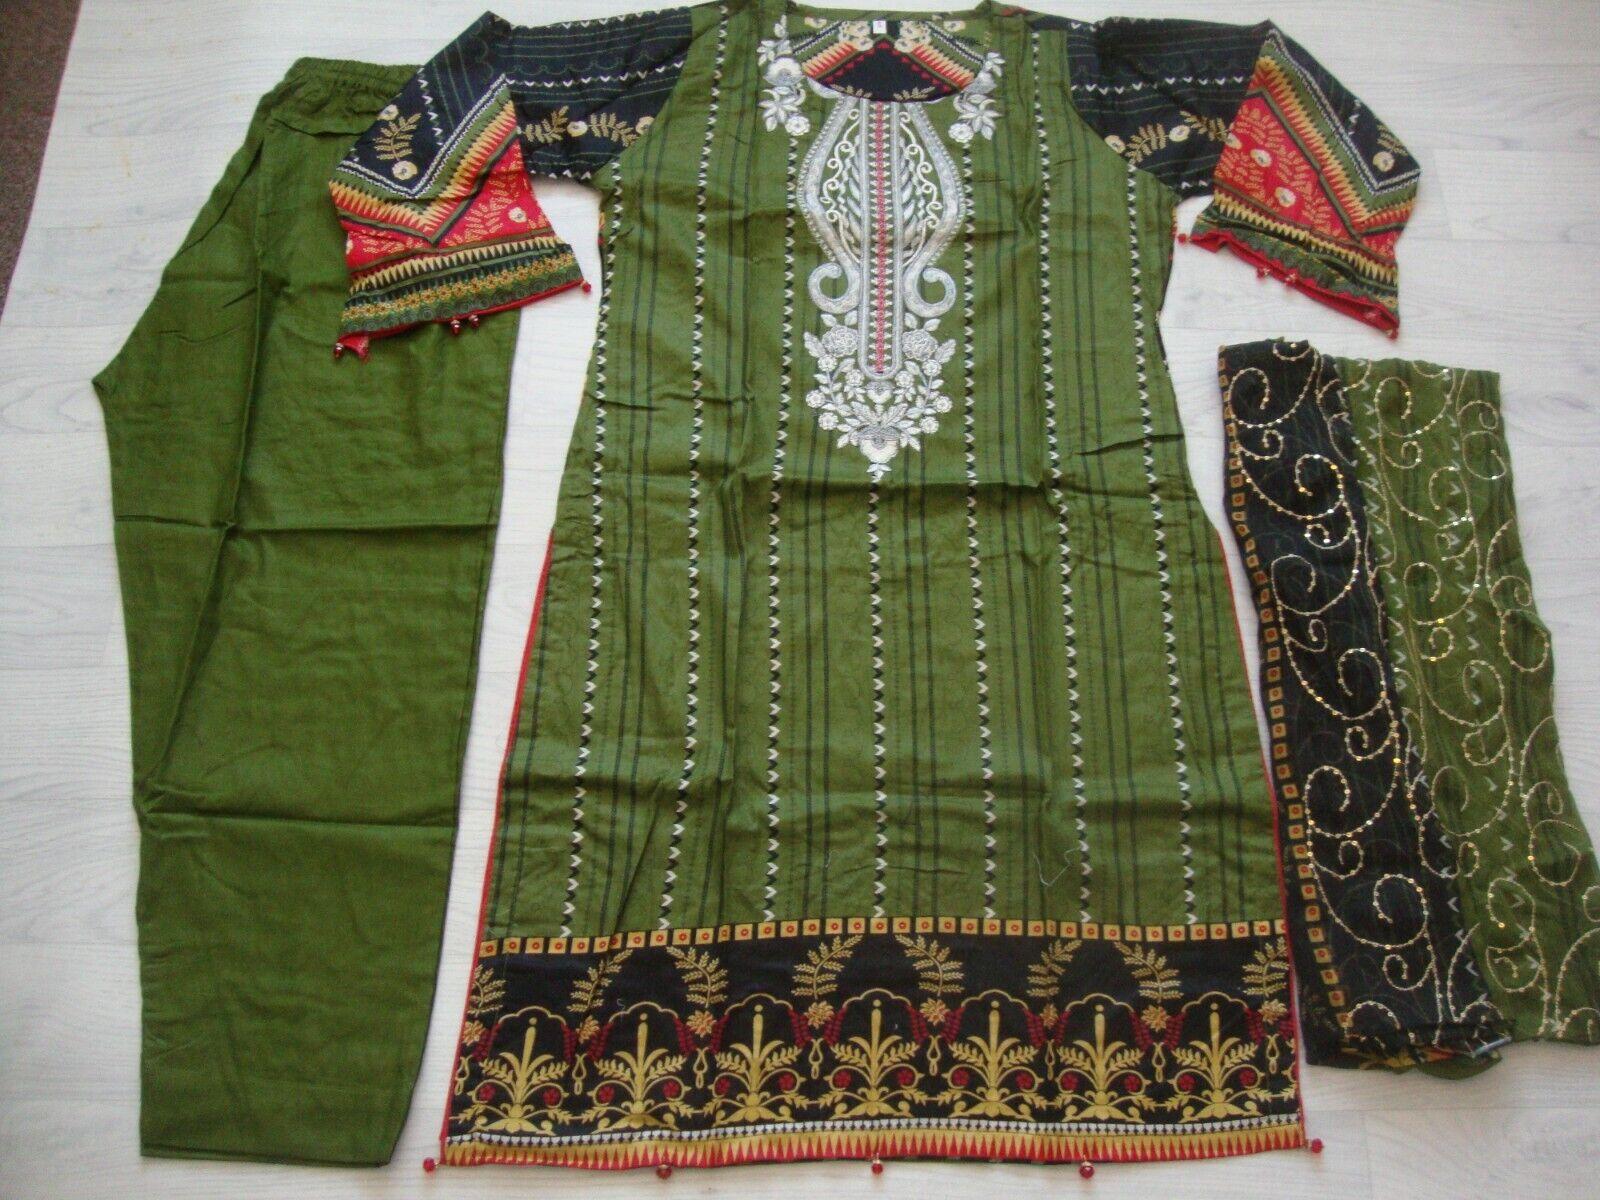 Farasha lawn design Embroidered stitched salwar kameez summer only